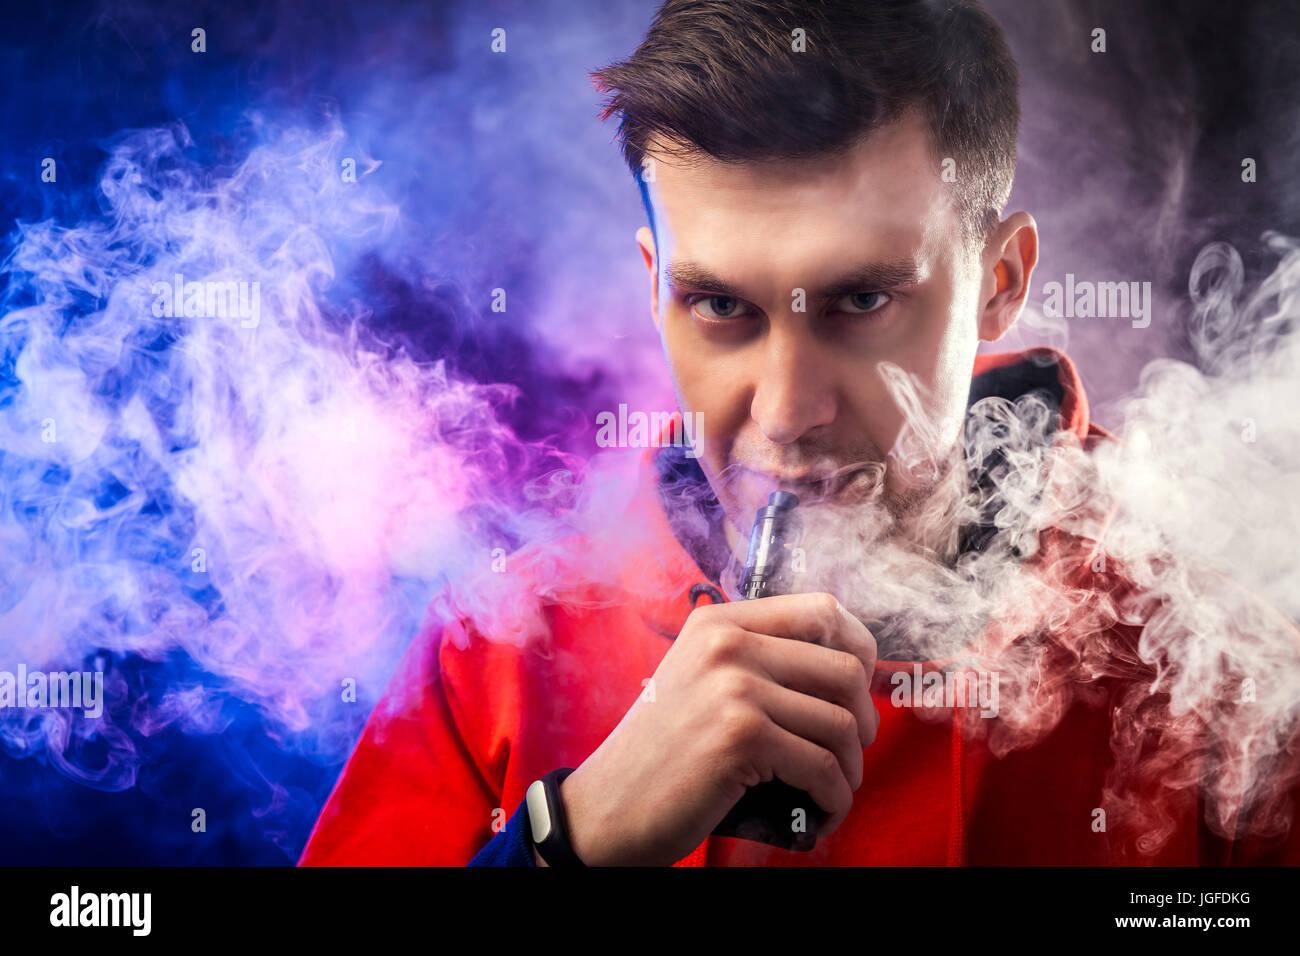 A man smokes a vape, lets steam, studio, colored smoke. - Stock Image